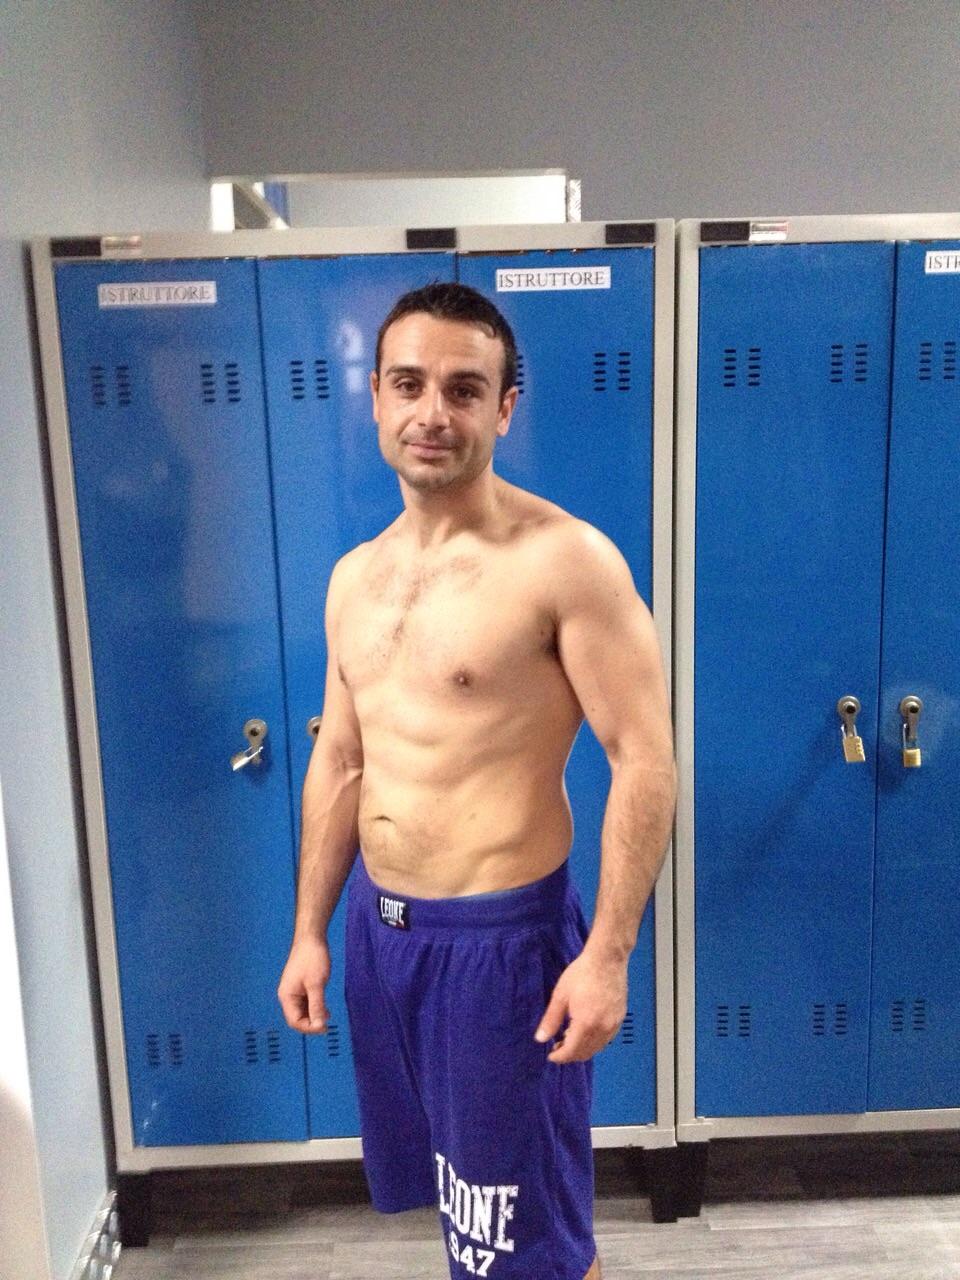 Ritrovare la motivazione e la voglia di allenarsi